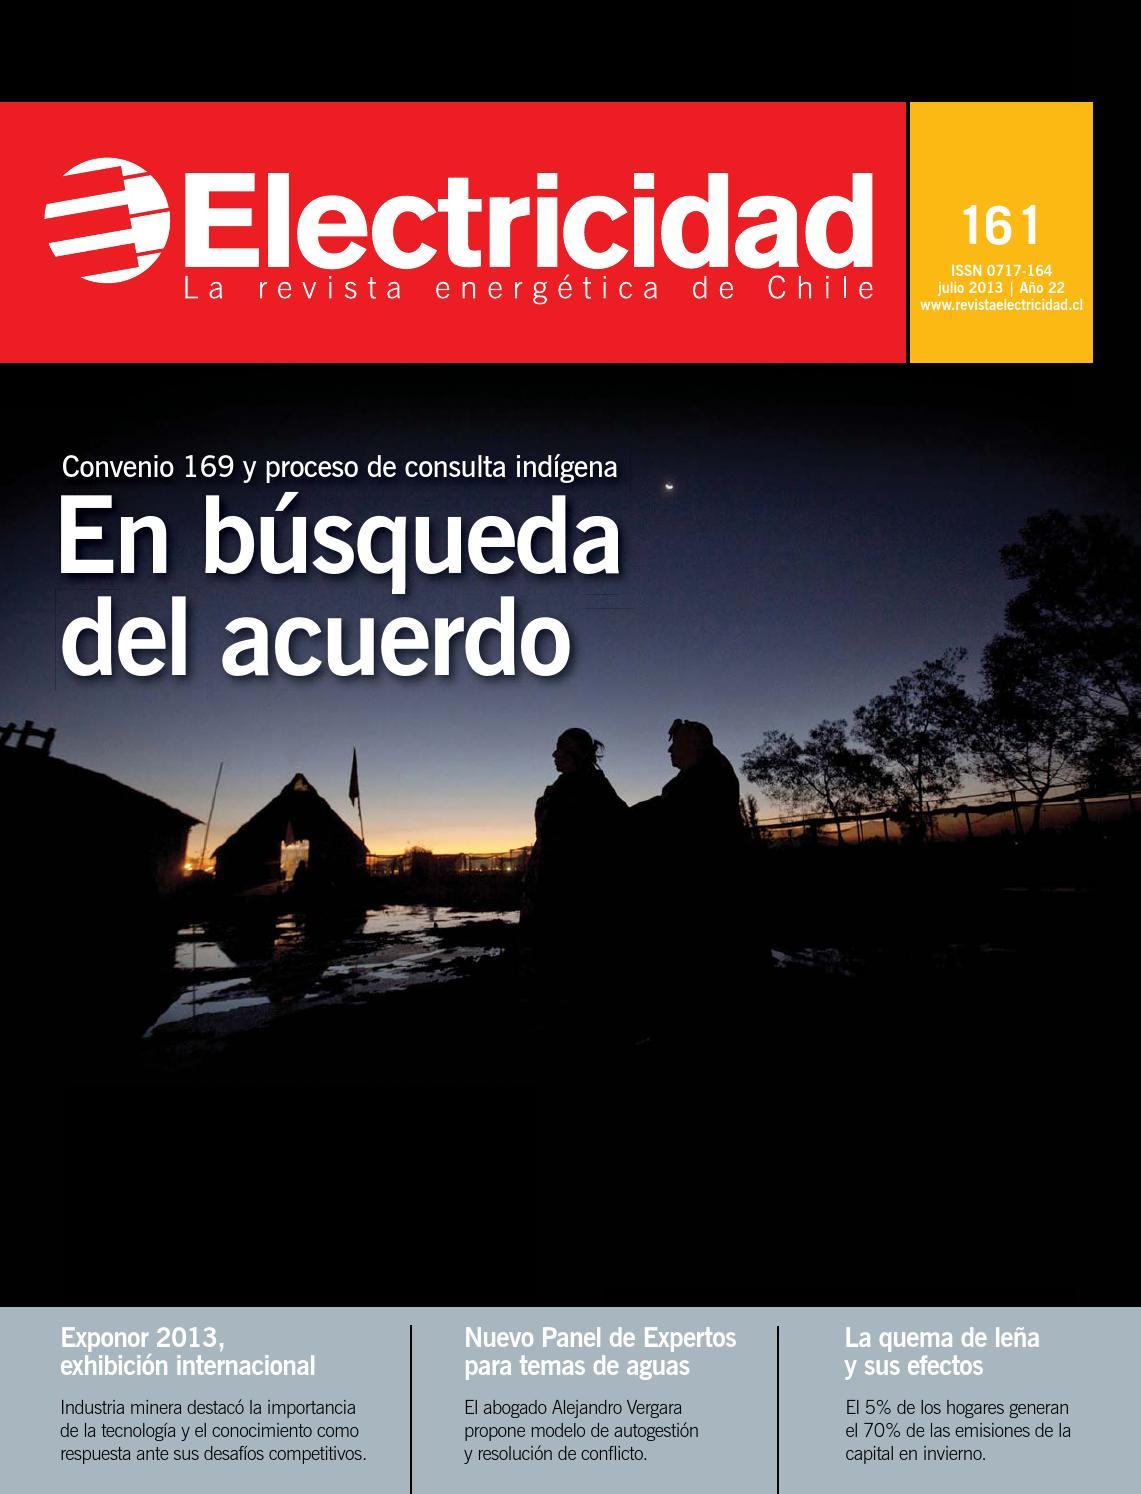 Elec 161 by Editec_Revista Electricidad - issuu